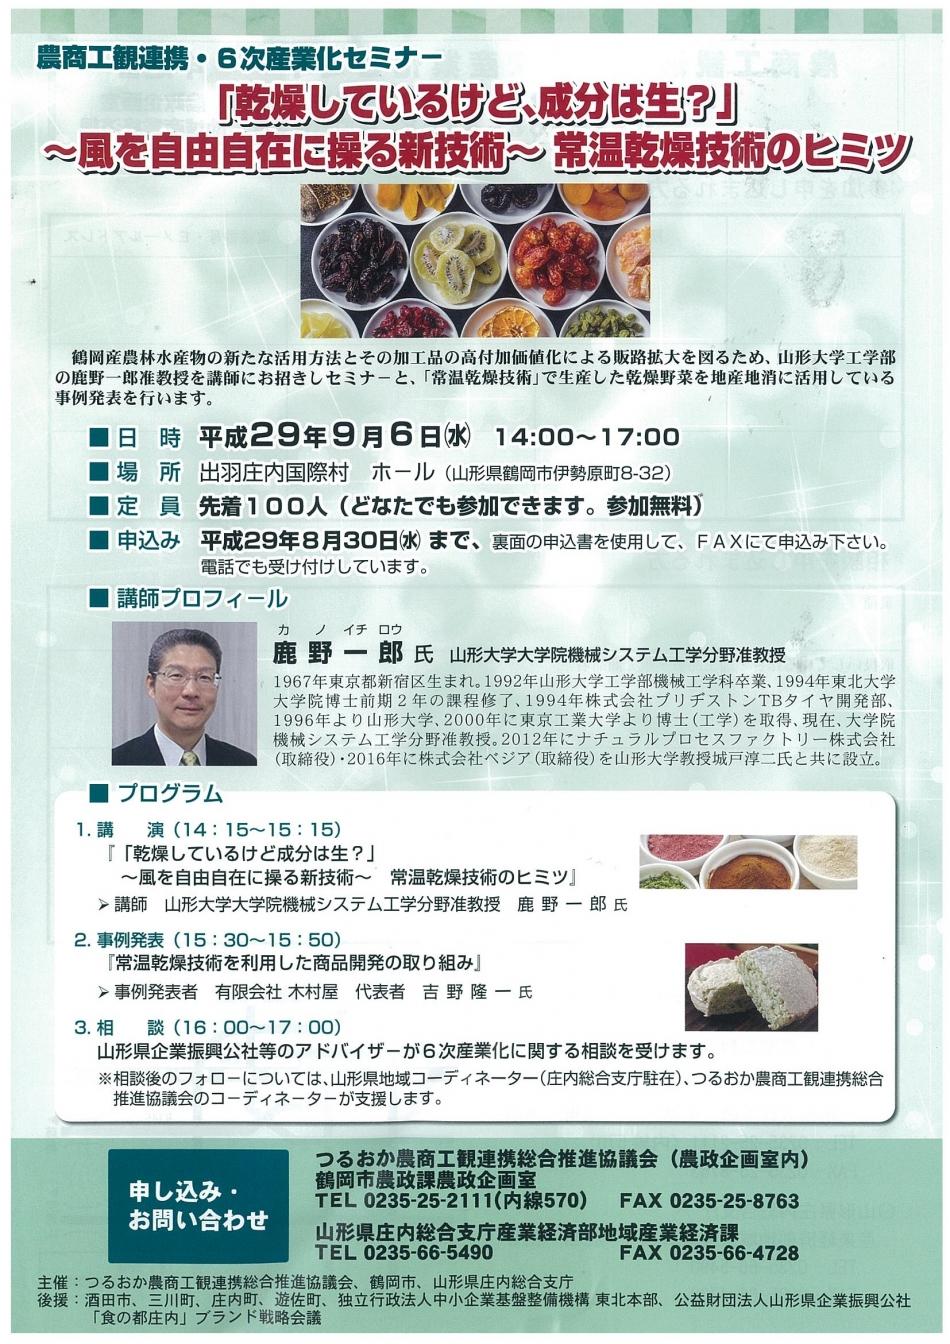 「農商工観連携・6次産業化セミナー」が開催されます!【9月6日(水)】